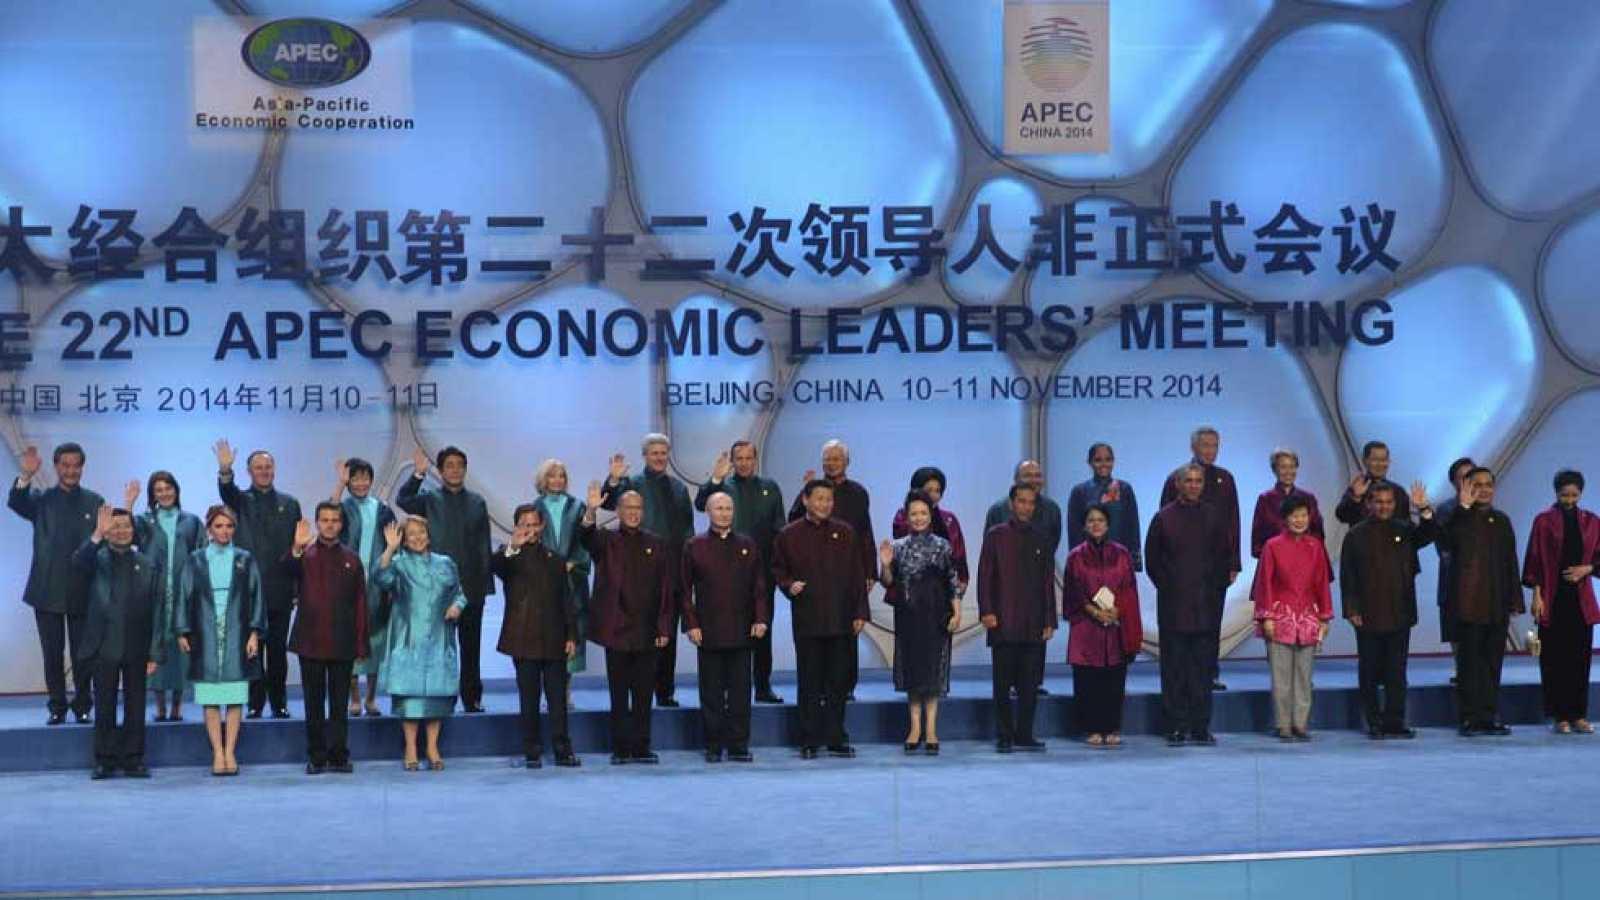 China es el anfitrión de la cumbre de la APEC, que reúne a los líderes de los países de la región de Asia-Pacífico